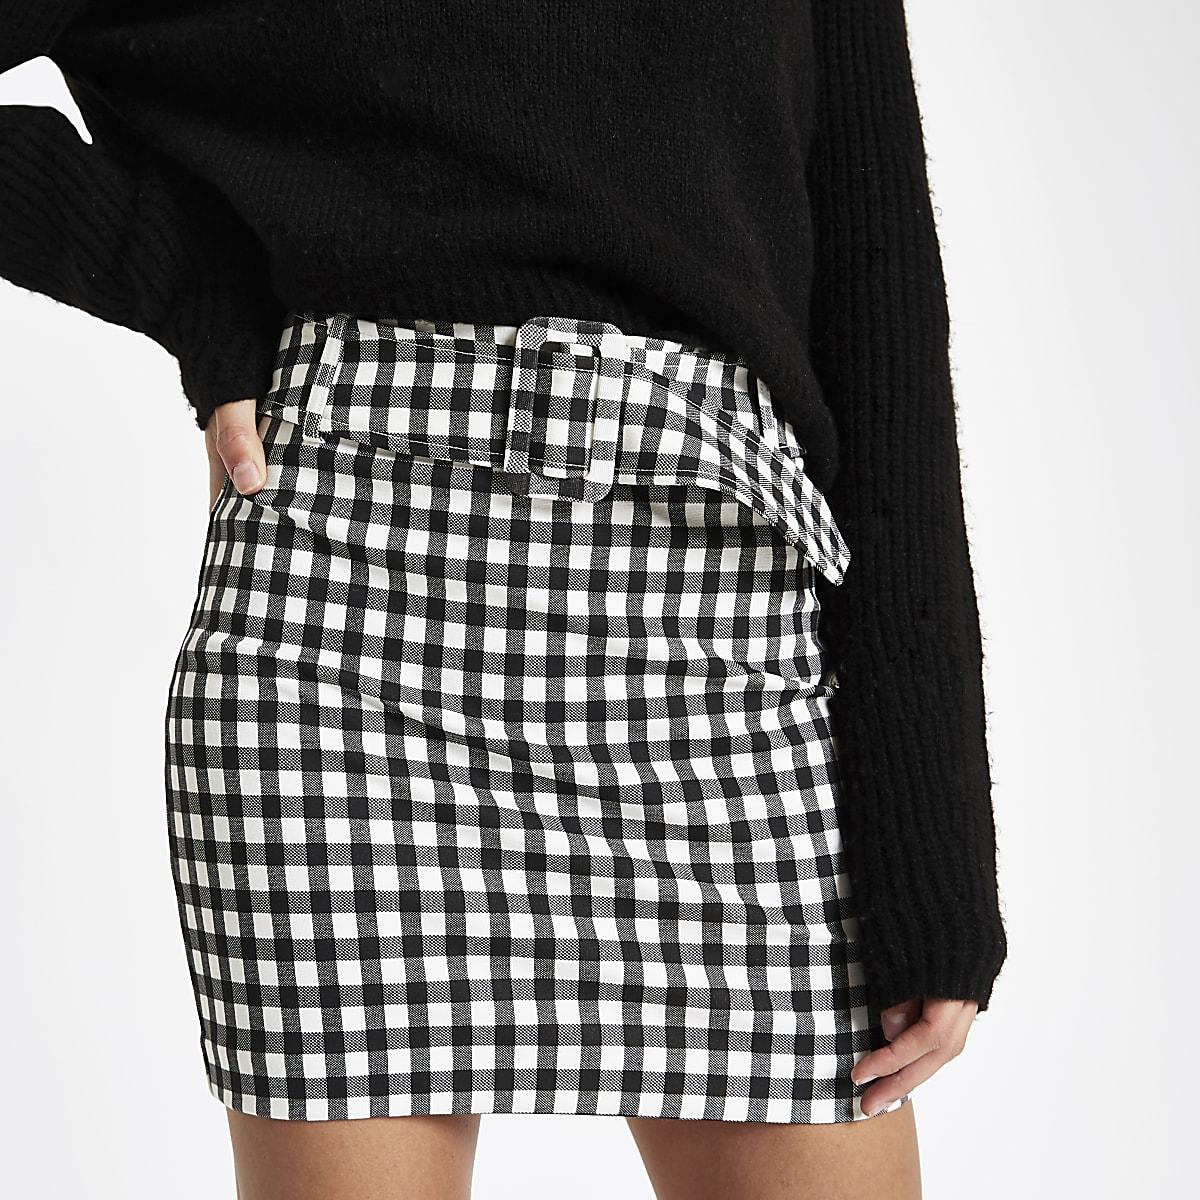 73850771470be6 Black gingham belted mini skirt - Mini Skirts - Skirts - women